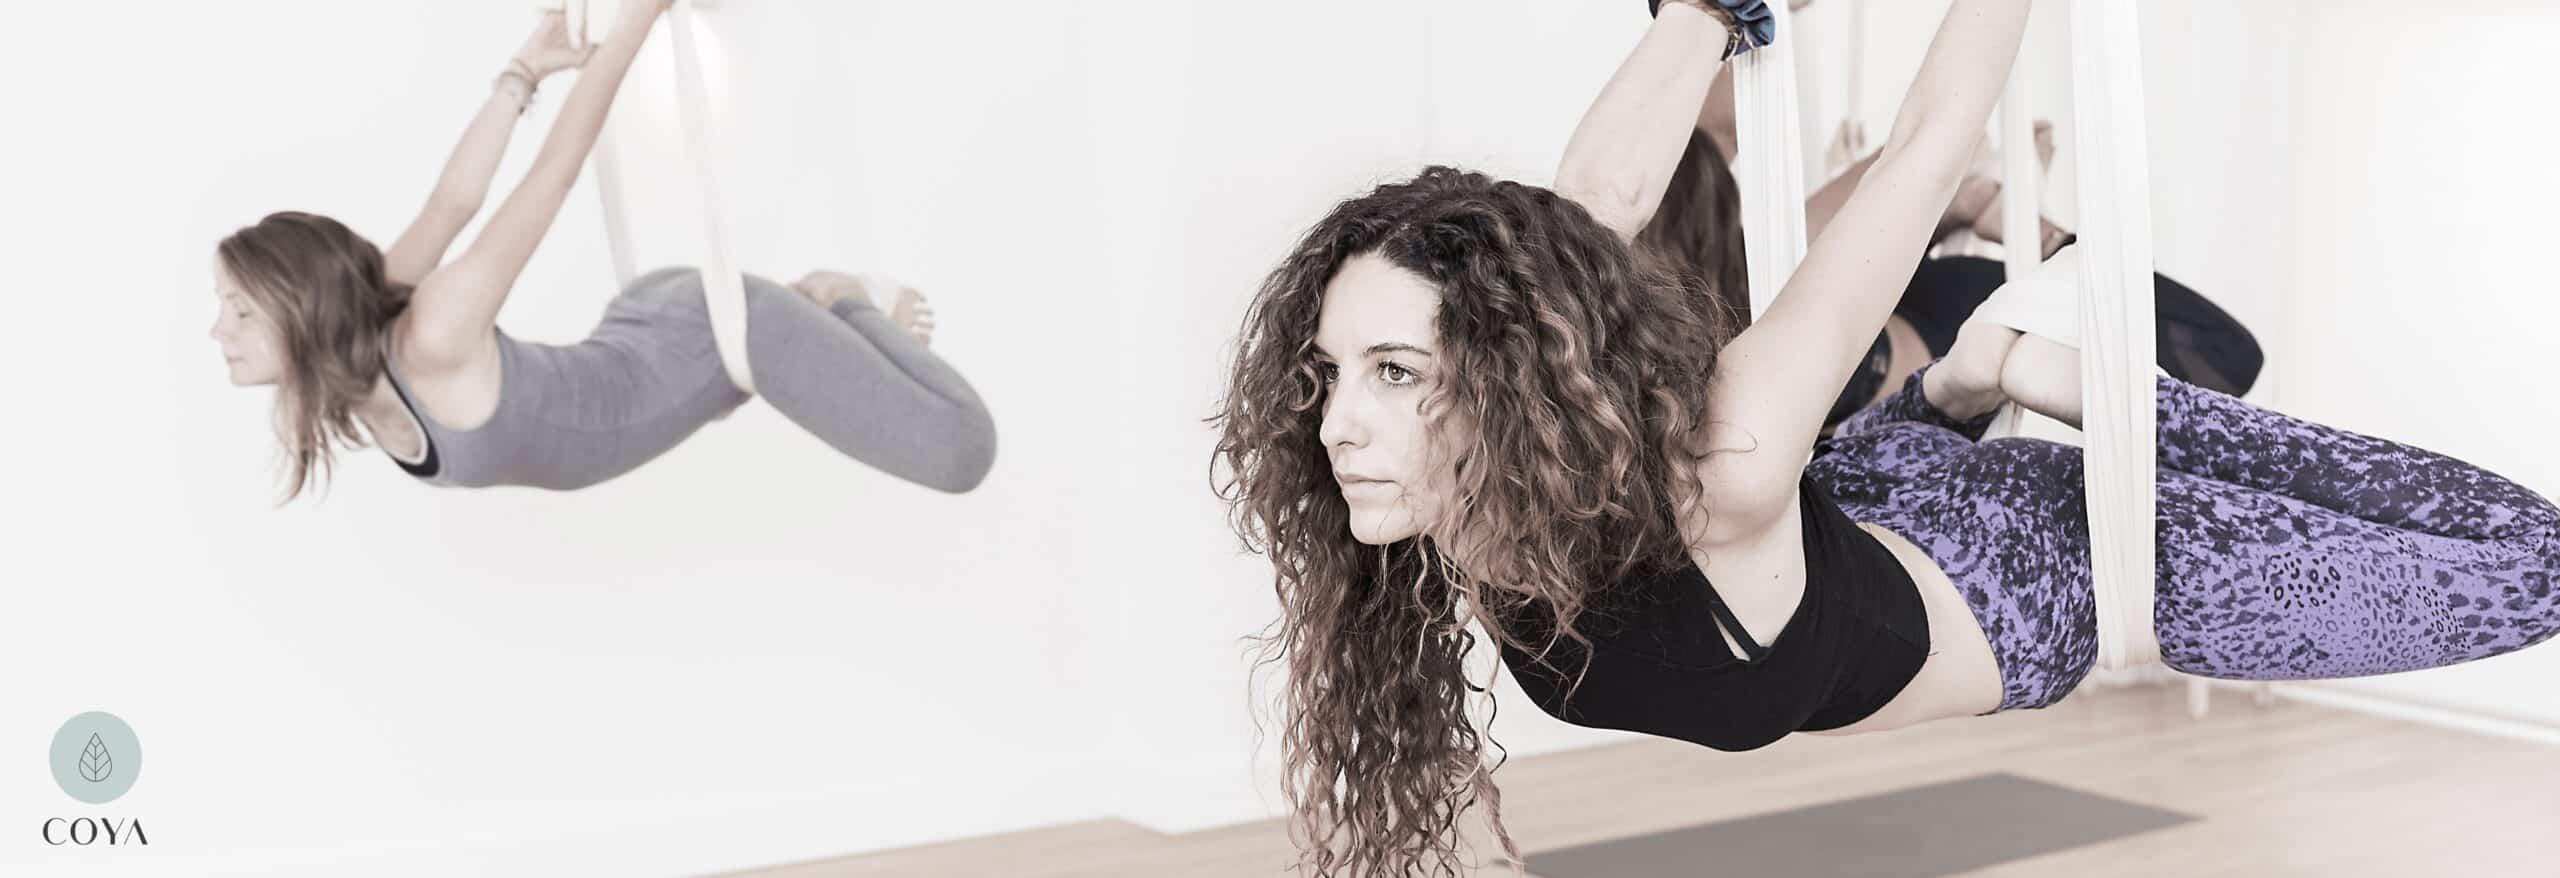 Ένα πλήρες μάθημα Aerial Yoga